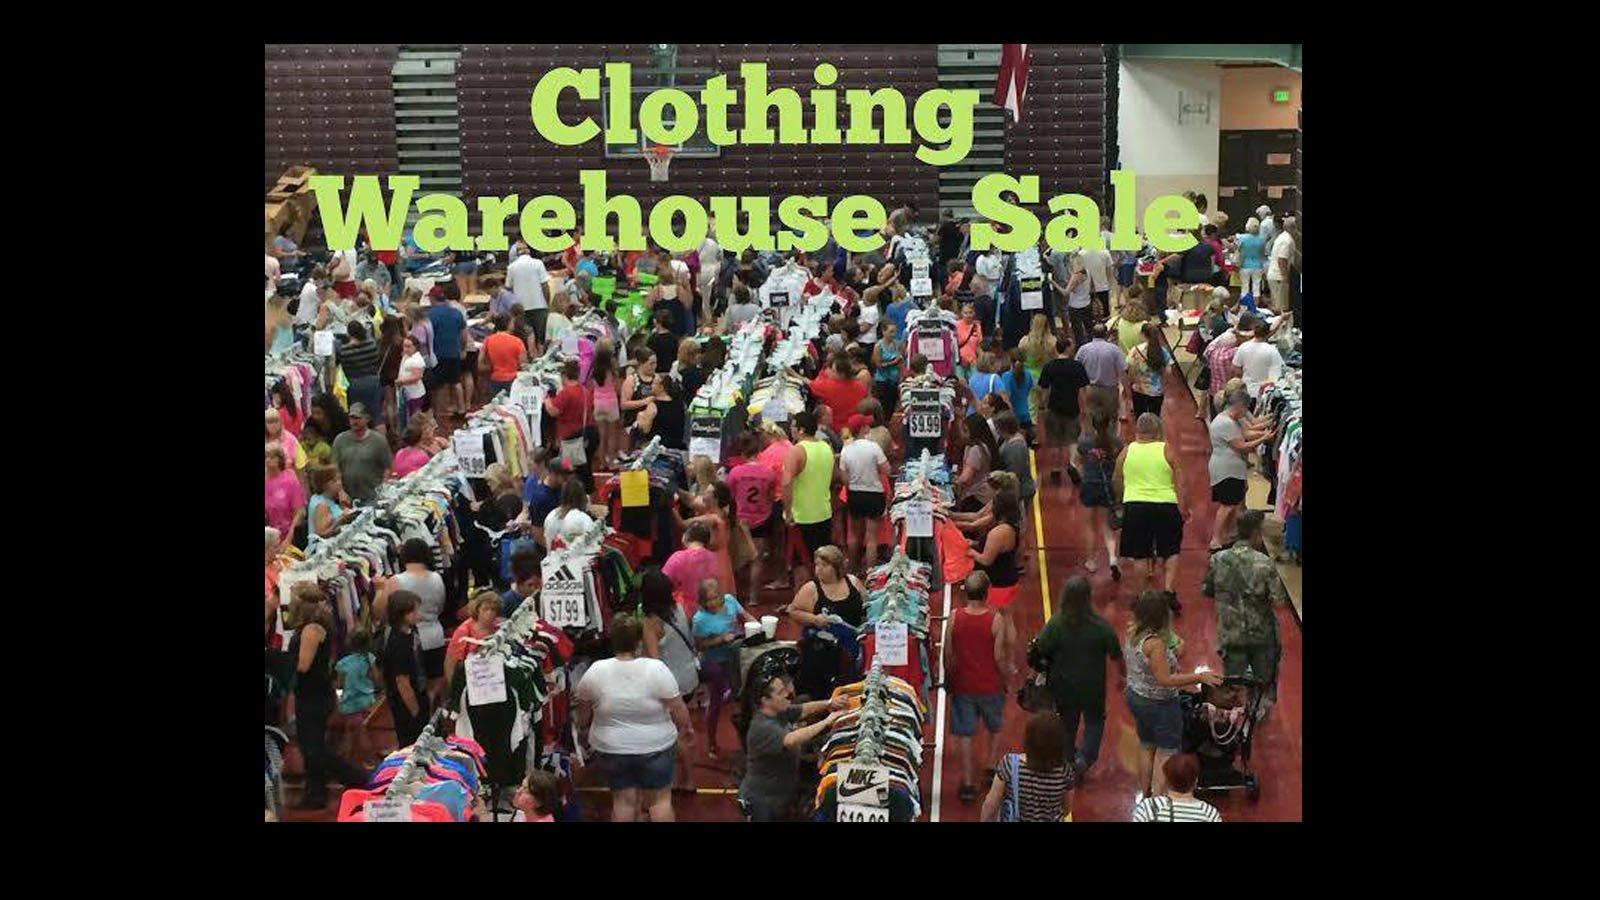 Warehouse Clothing Sale Wichita Falls Mpec